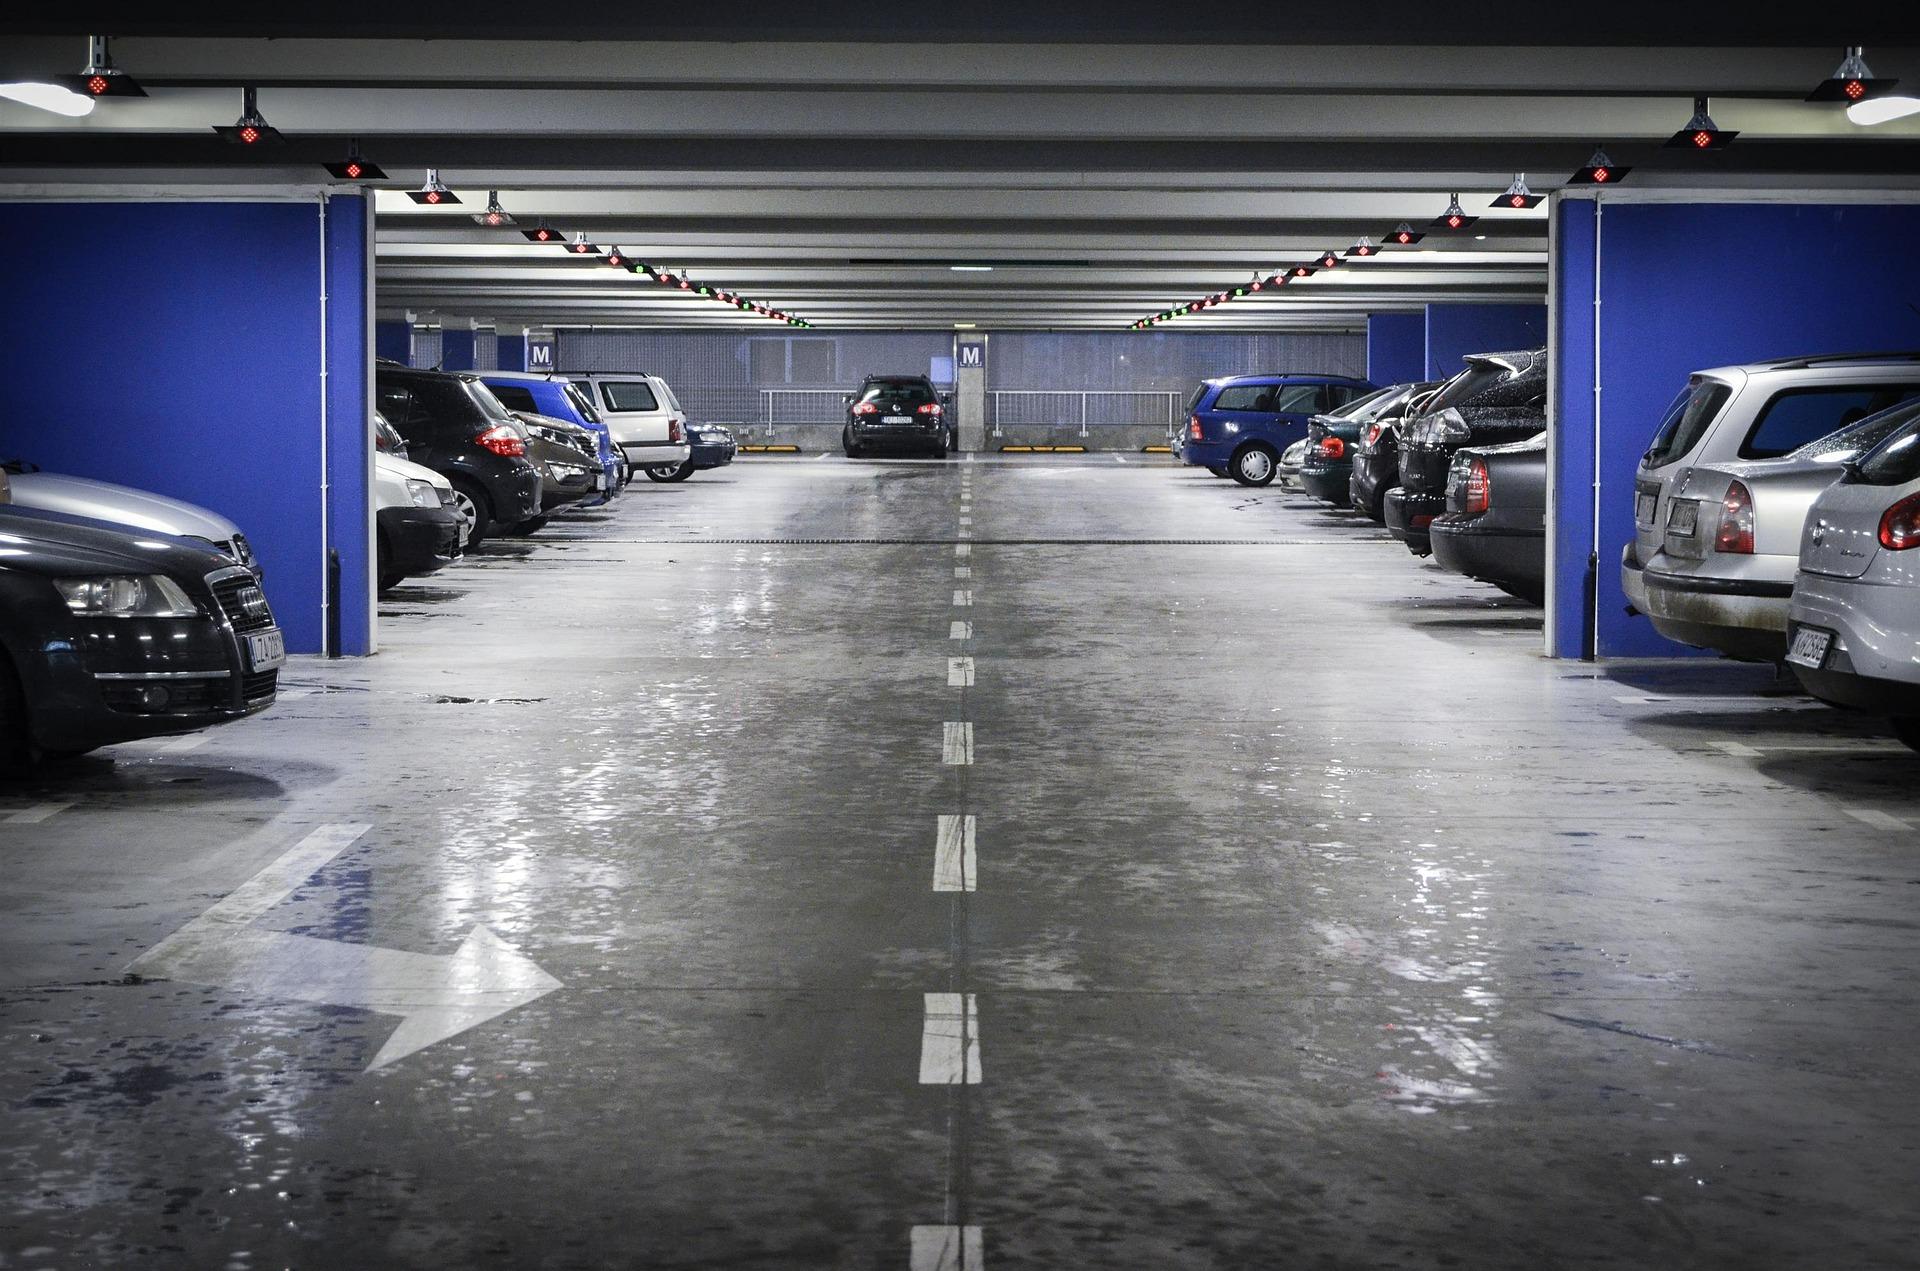 parking-solution-hesion-park-smartparking